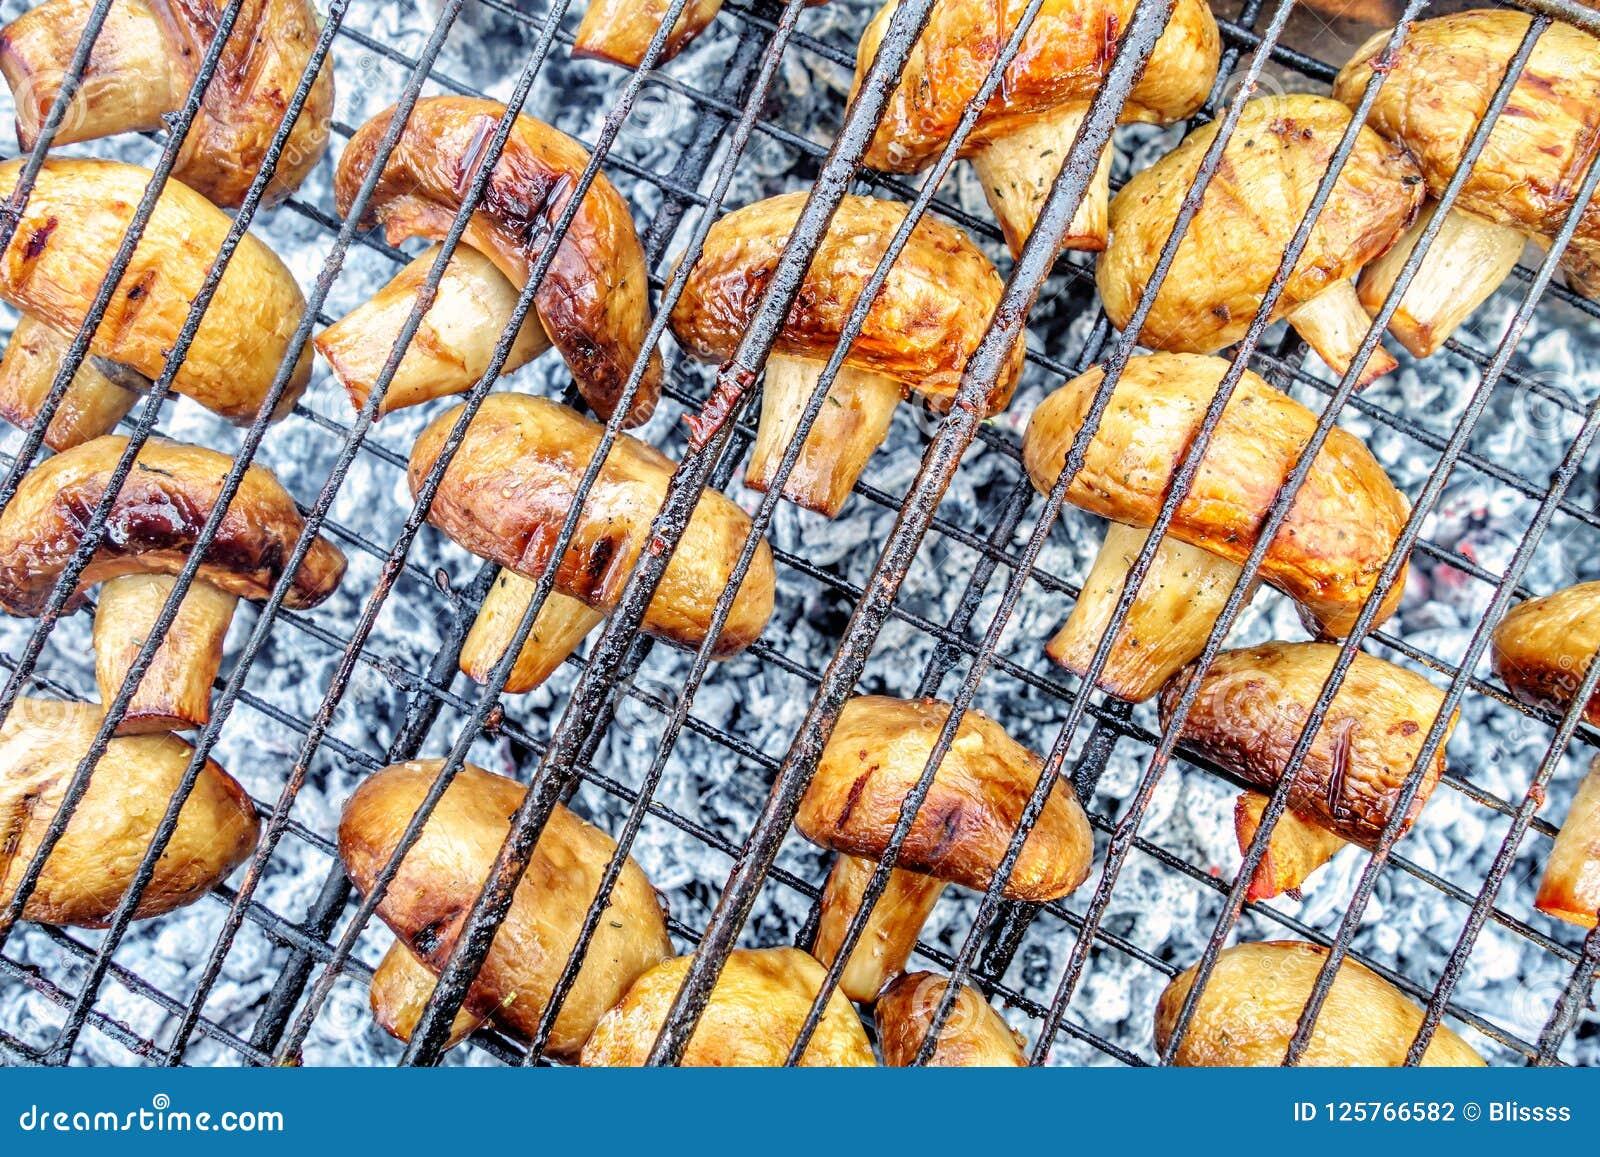 Aptitretande och smakligt organiskt halstrade/grillade/bakade/rökte champignonchampinjoner med den bruna skorpan som lagas mat på